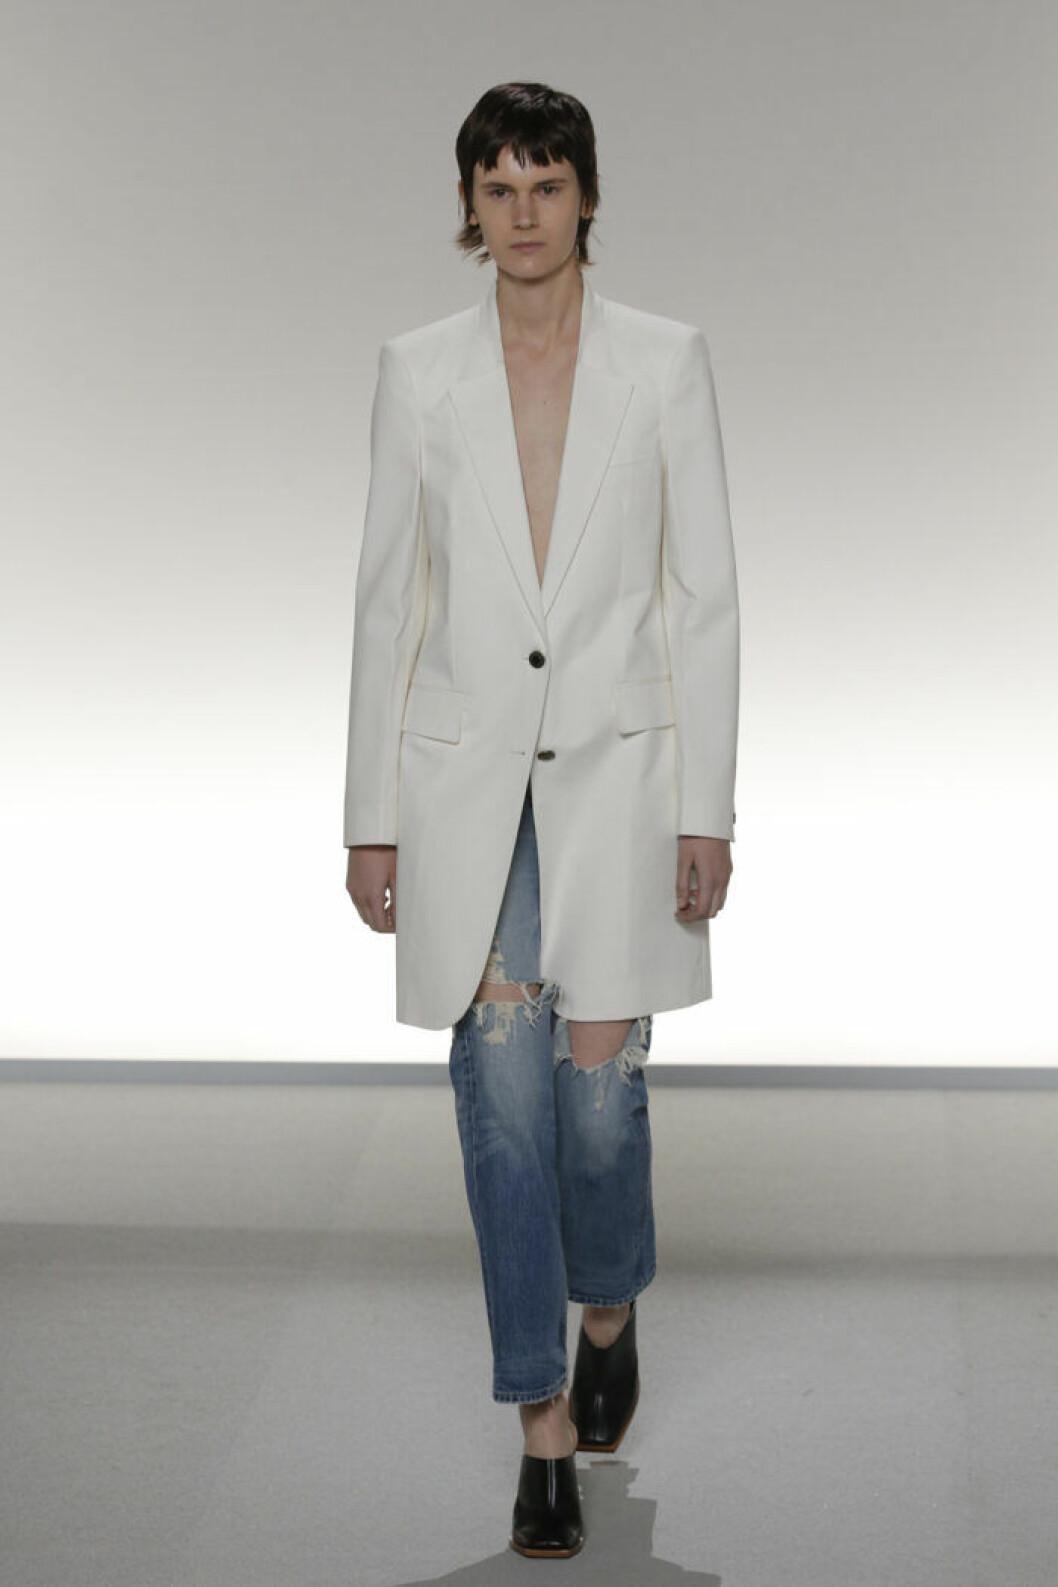 Trender Denim våren 2020 Givenchy Modell bär blå jeans och skräddad kavaj